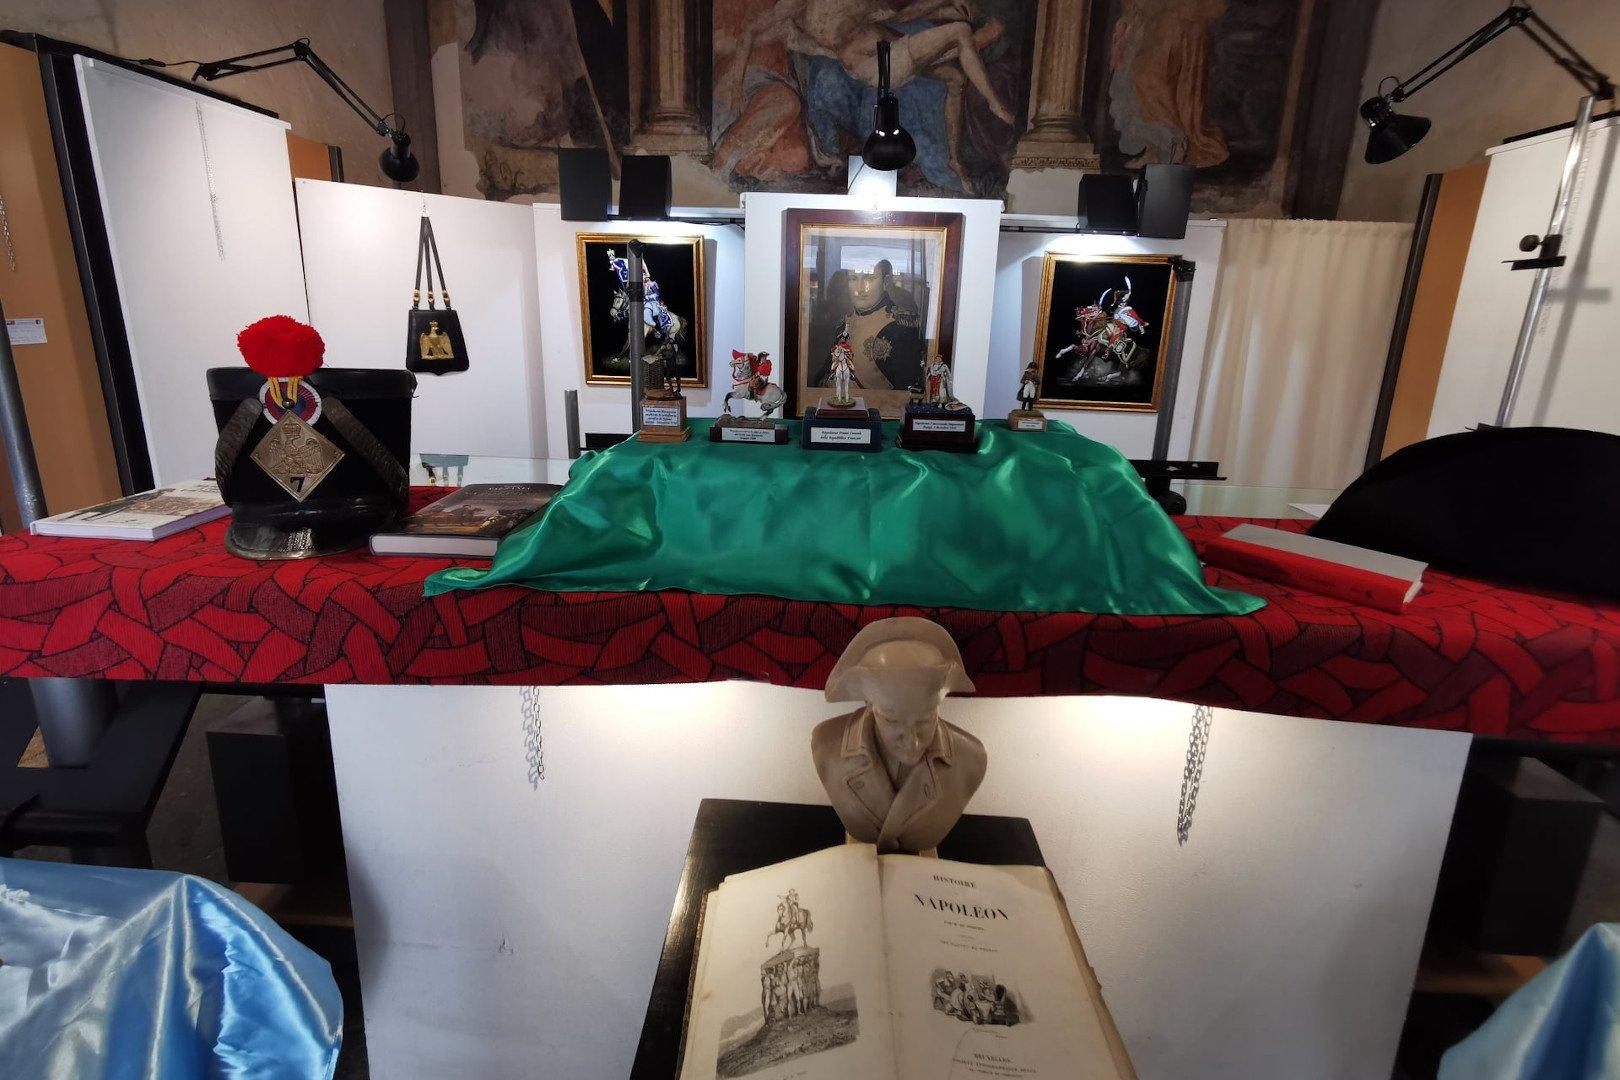 La storia di Napoleone Bonaparte rivive nei modellini di Alberto Ragni, in una mostra ad Aosta, a duecento anni dalla morte